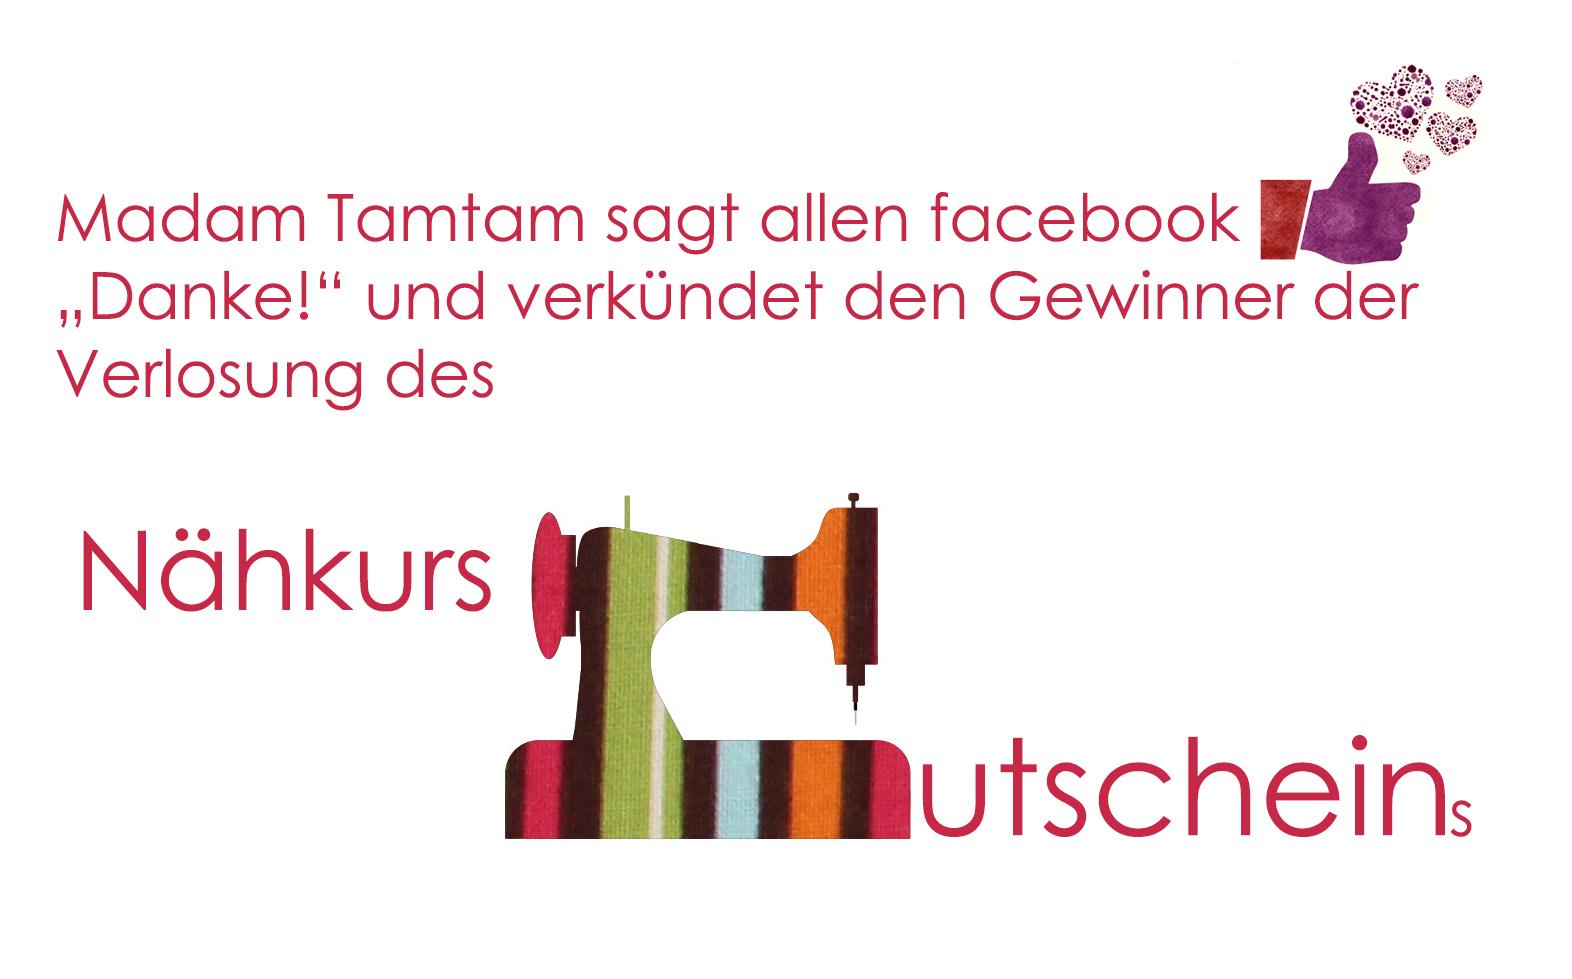 Gutscheine Verpcken Atu Gutschein Inspektion Online Pack Gutschein